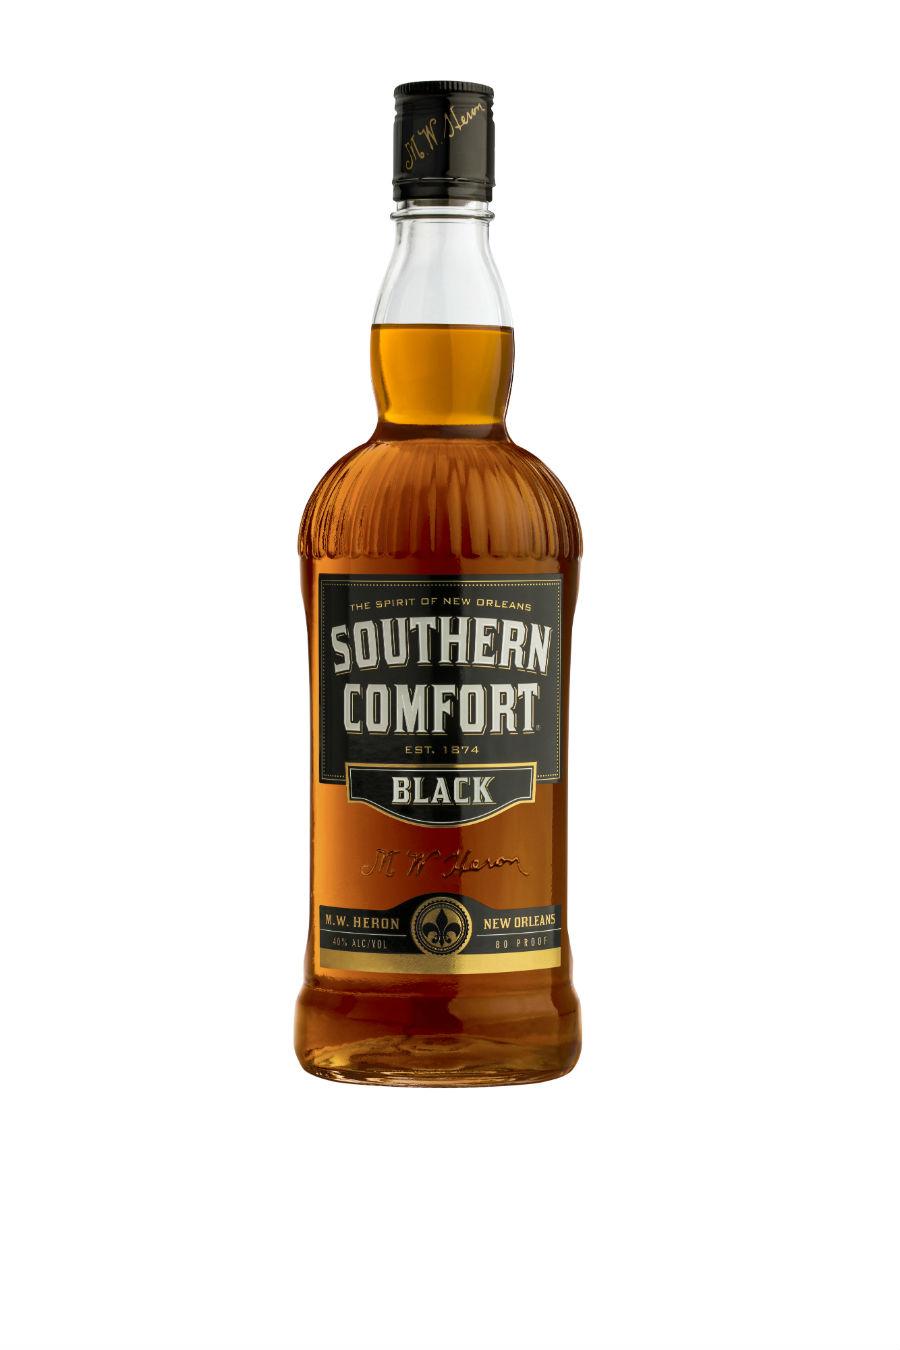 Diversa lanciert Southern Comfort Black